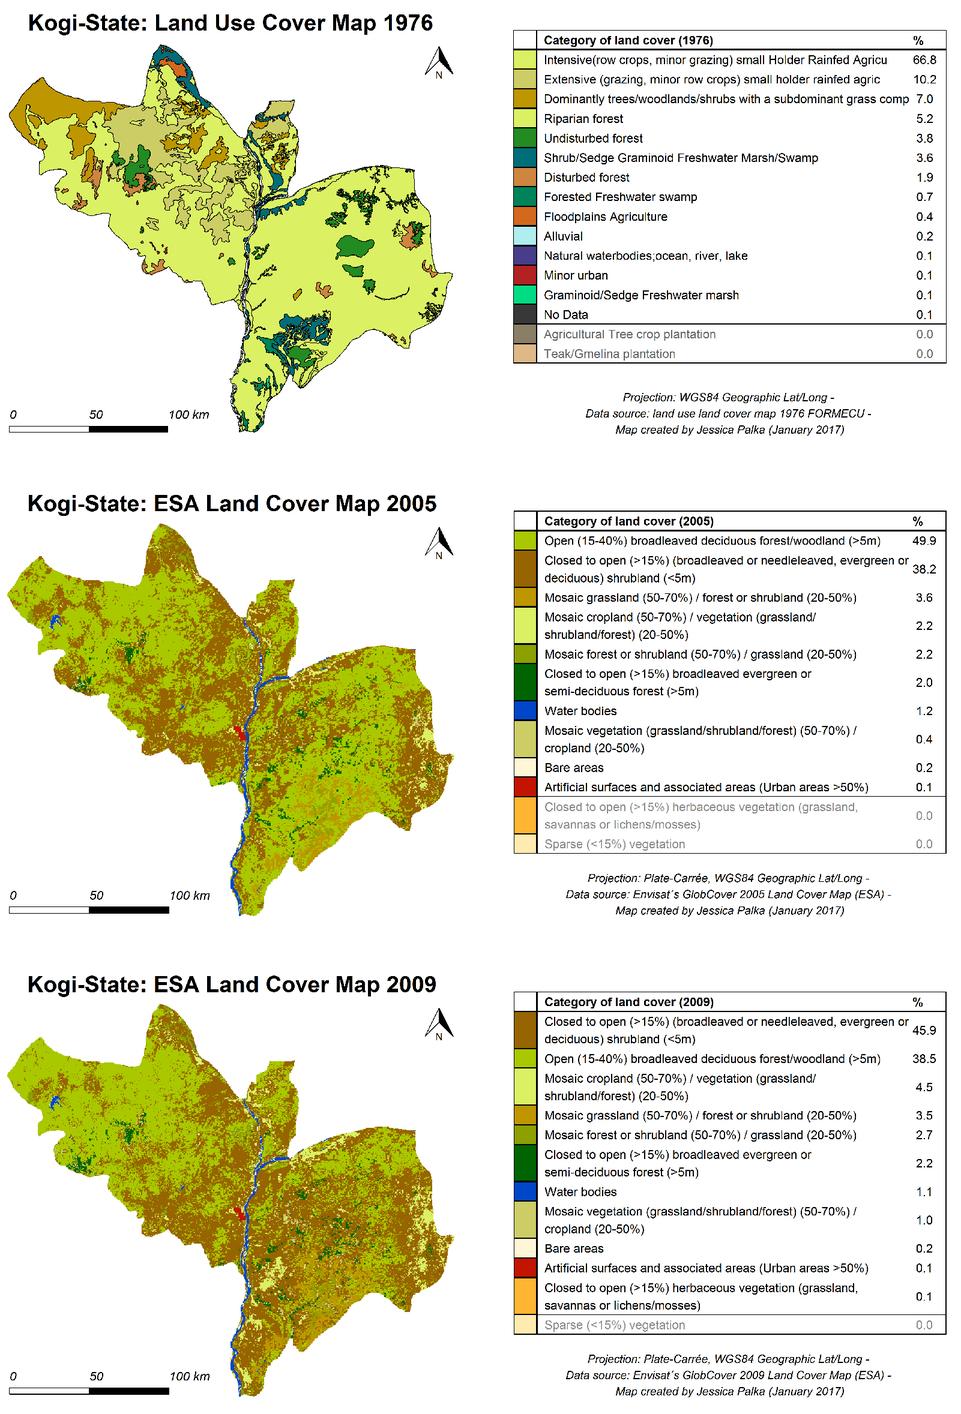 yses of GIMMS NDVI Time Series in Kogi State, Nigeria Kogi State Map on adamawa state map, oyo state map, niger state, akwa ibom, ekiti state, bayelsa state map, ekiti state map, edo state map, ondo state, ogun state, osun state map, benue state map, osun state, kaduna state, katsina state map, cross river state, lagos state, alabama state map, taraba state, benue state, ebonyi state map, imo state map, amazonas state map, abia state map, jharkhand state map, imo state, oyo state, kwara state map, anambra state, edo state, ogun state map, california state map, rivers state, delta state, abia state, lagos state map, enugu state, kano state, borno state map, anambra state map,